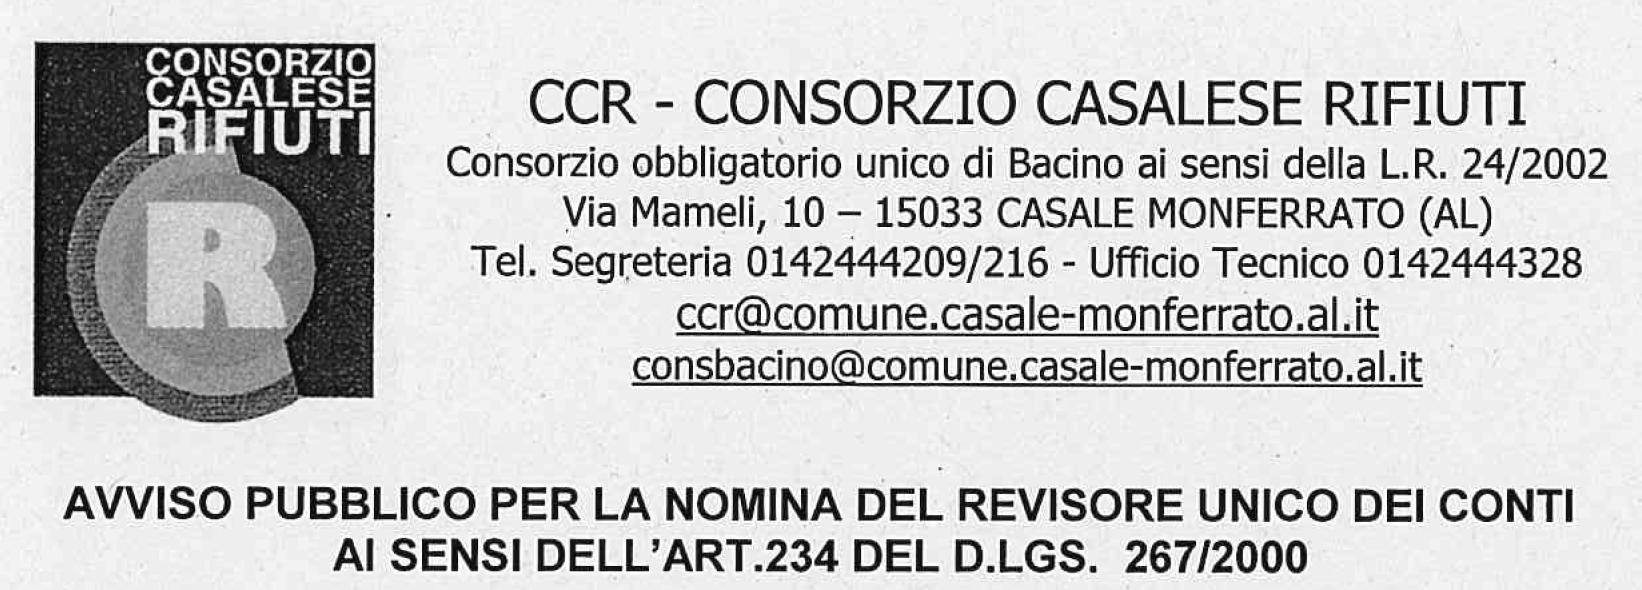 Avviso Per Nomina Del Revisore Unico Dei Conti Ai Sensi Art. 234 Del D.Lgs. 267/2000